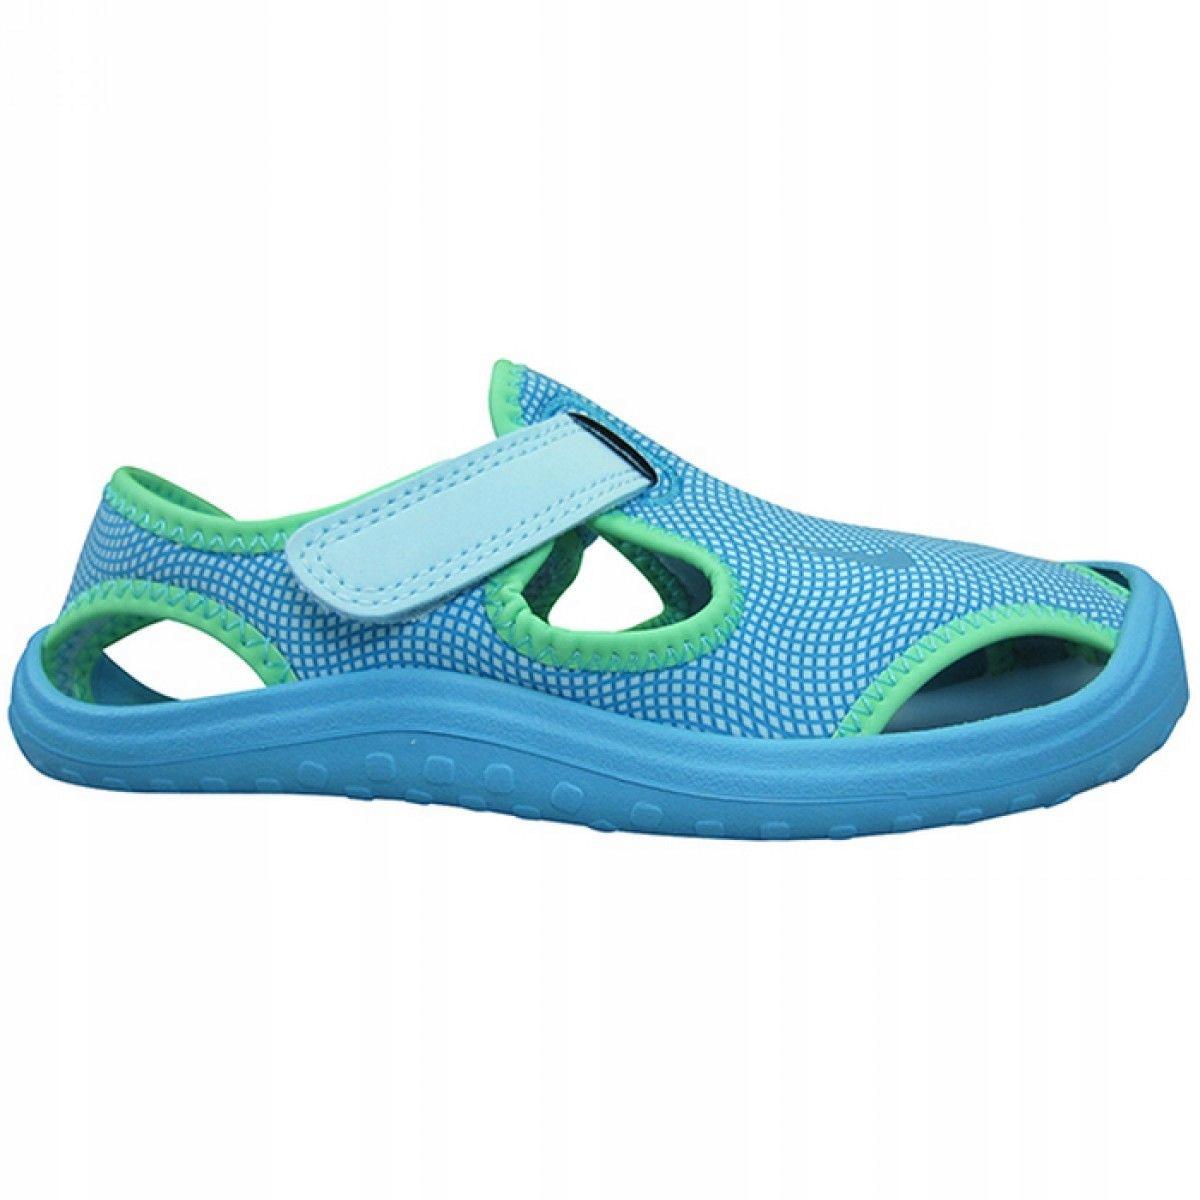 Sandałki dziecięce Nike Sunray Protect 903633-400